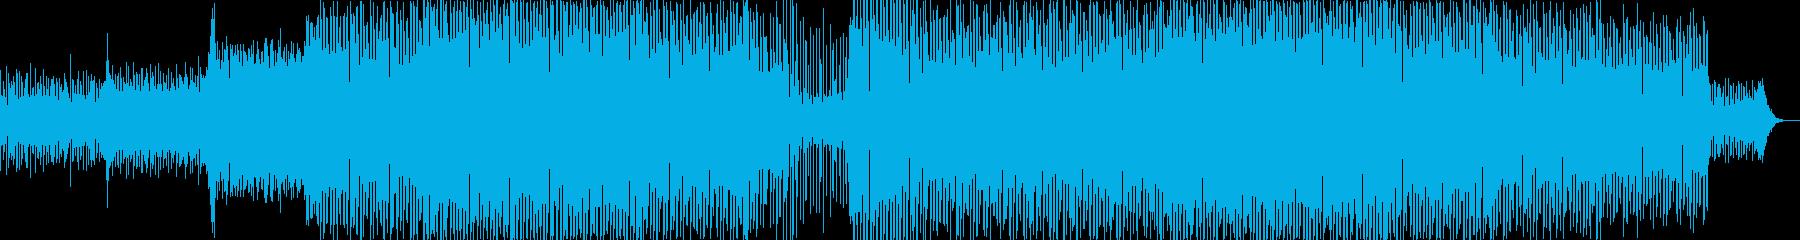 EDM疾走感のあるドラマチックなクラブ系の再生済みの波形